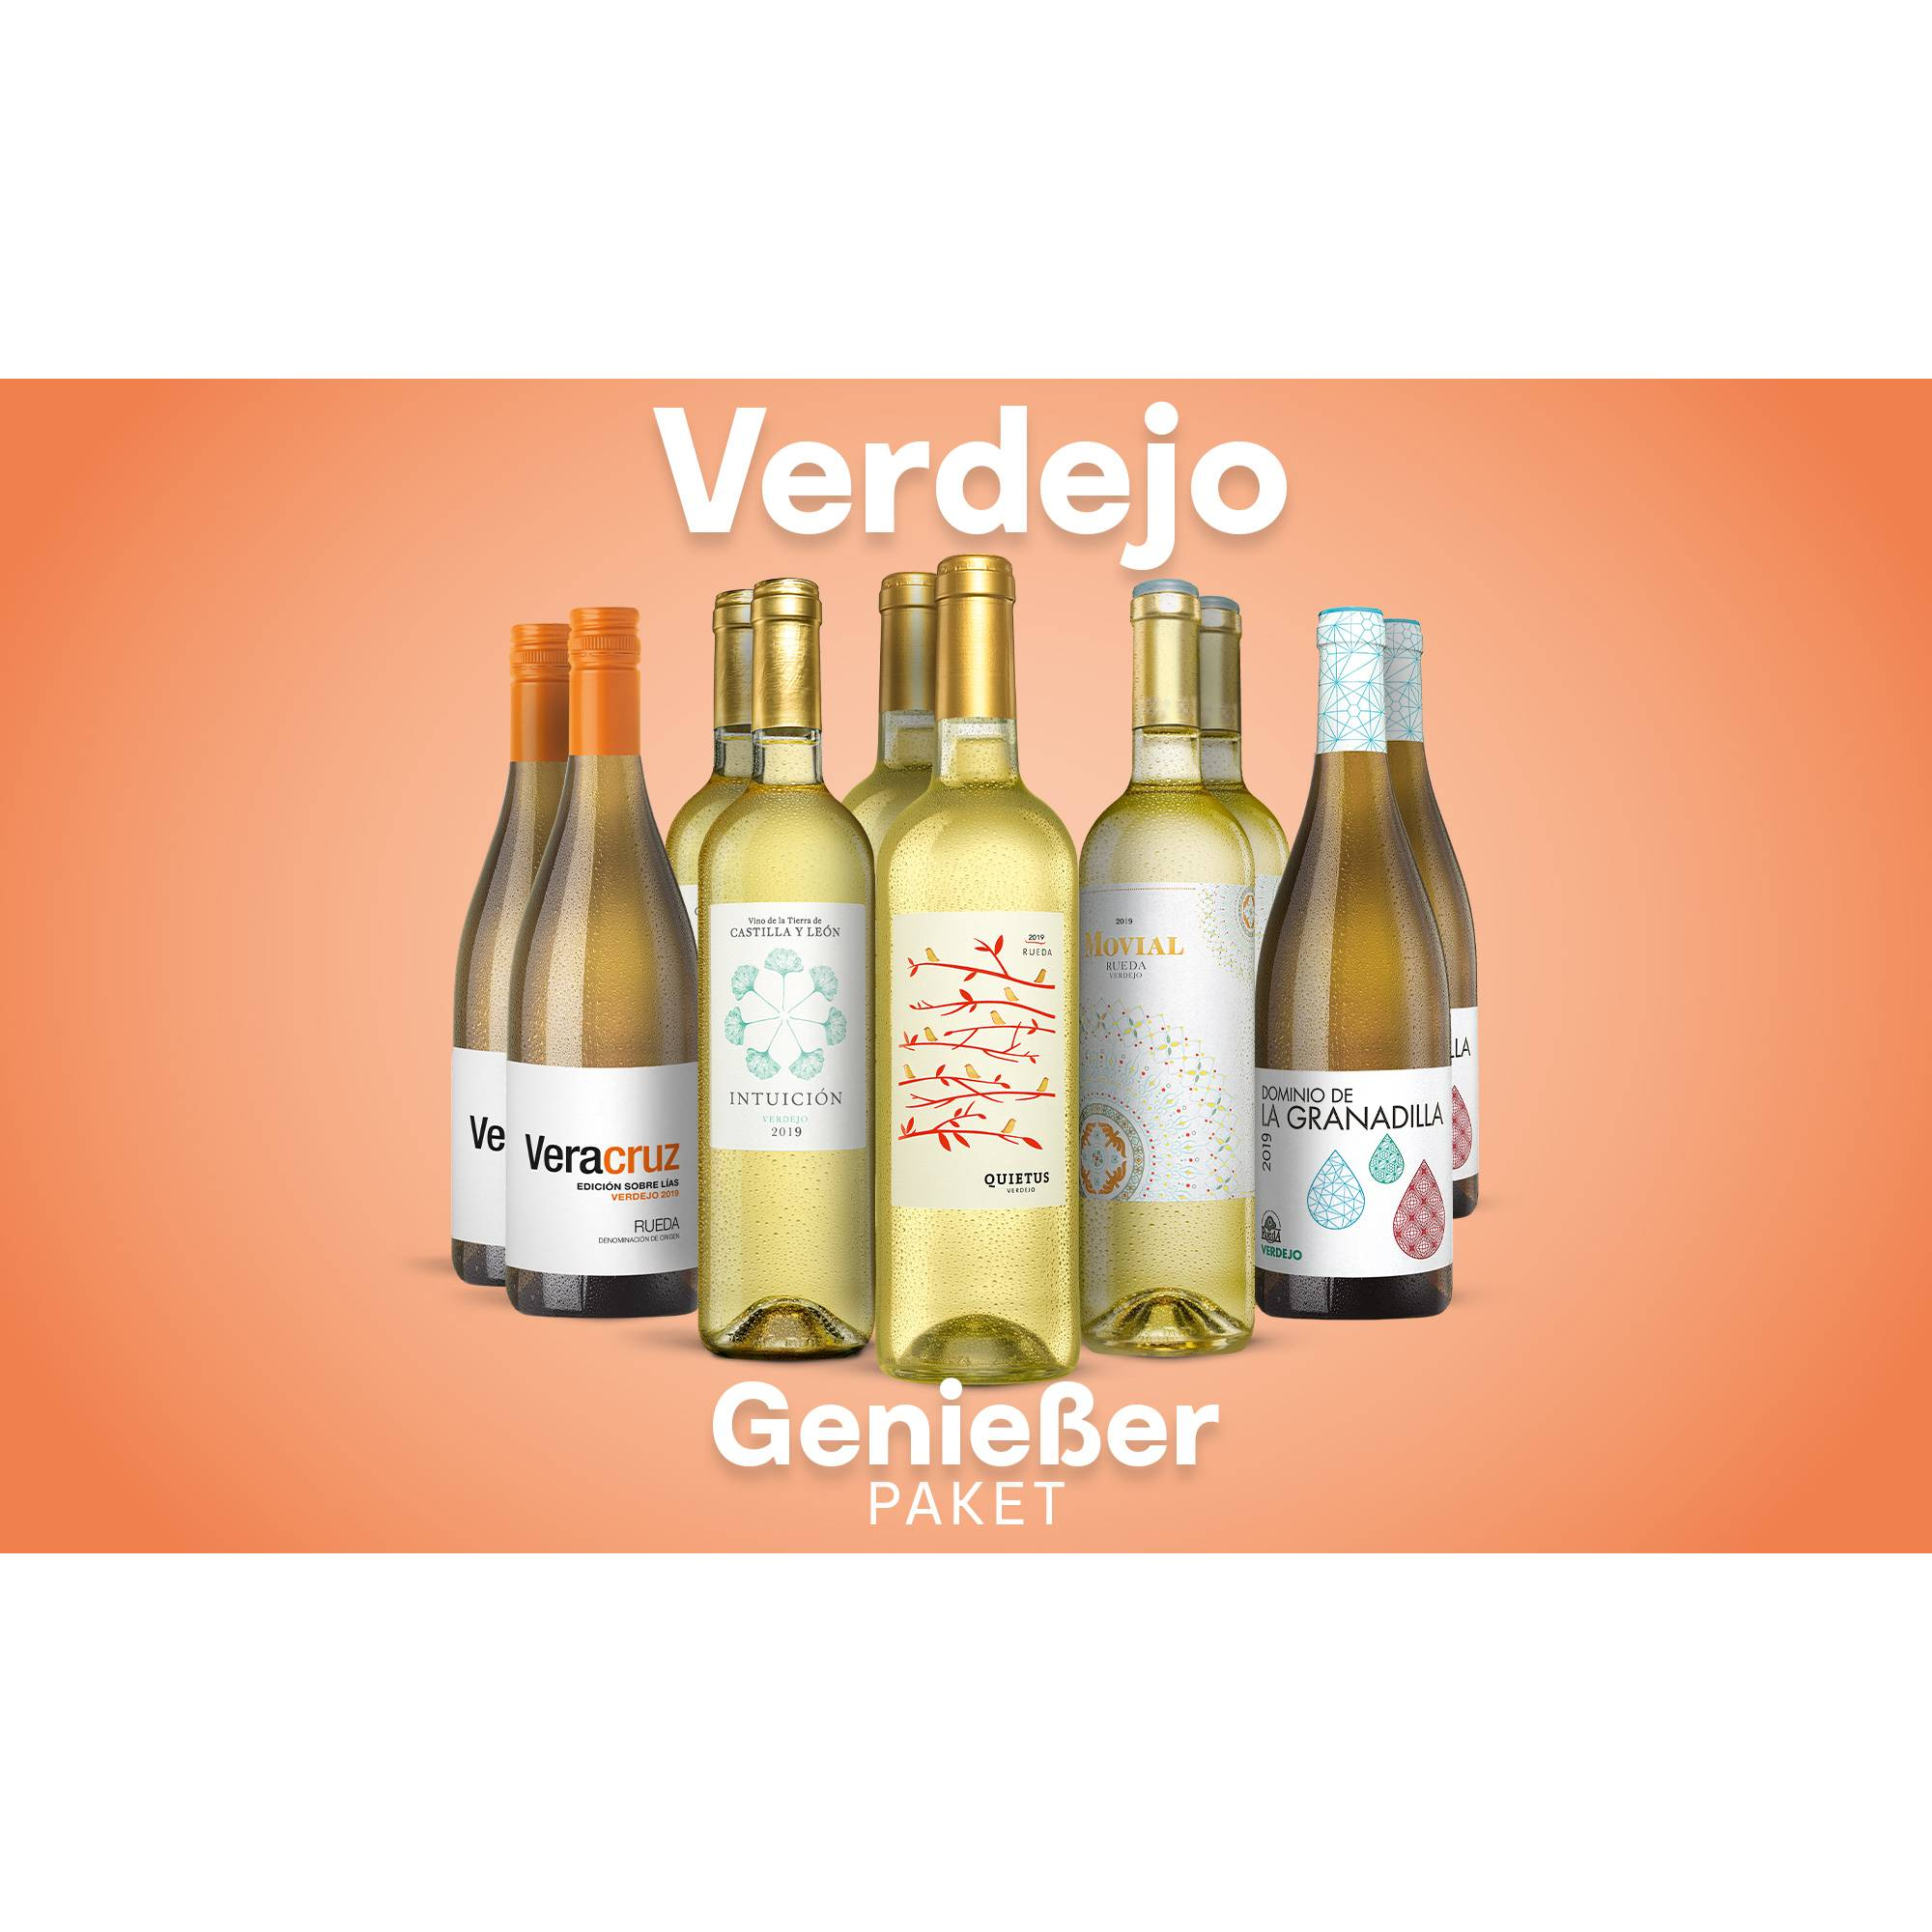 Verdejo-Genießer-Paket Weinpaket  aus Spanien